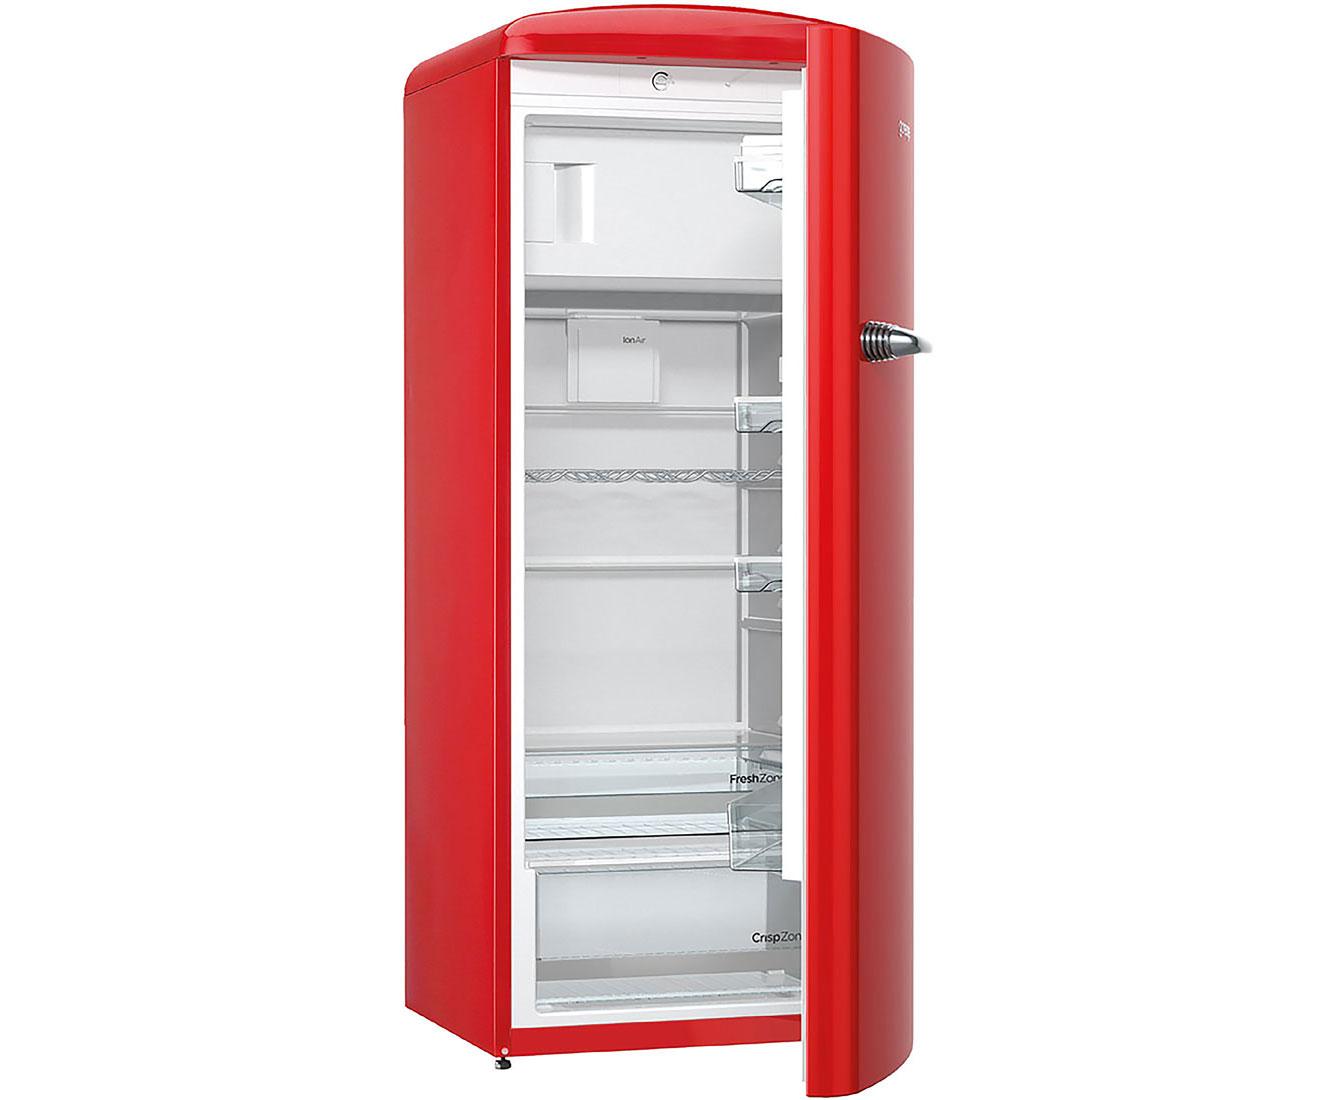 Kühlschrank Gorenje : Gorenje retro collection orb co kühlschrank mit gefrierfach